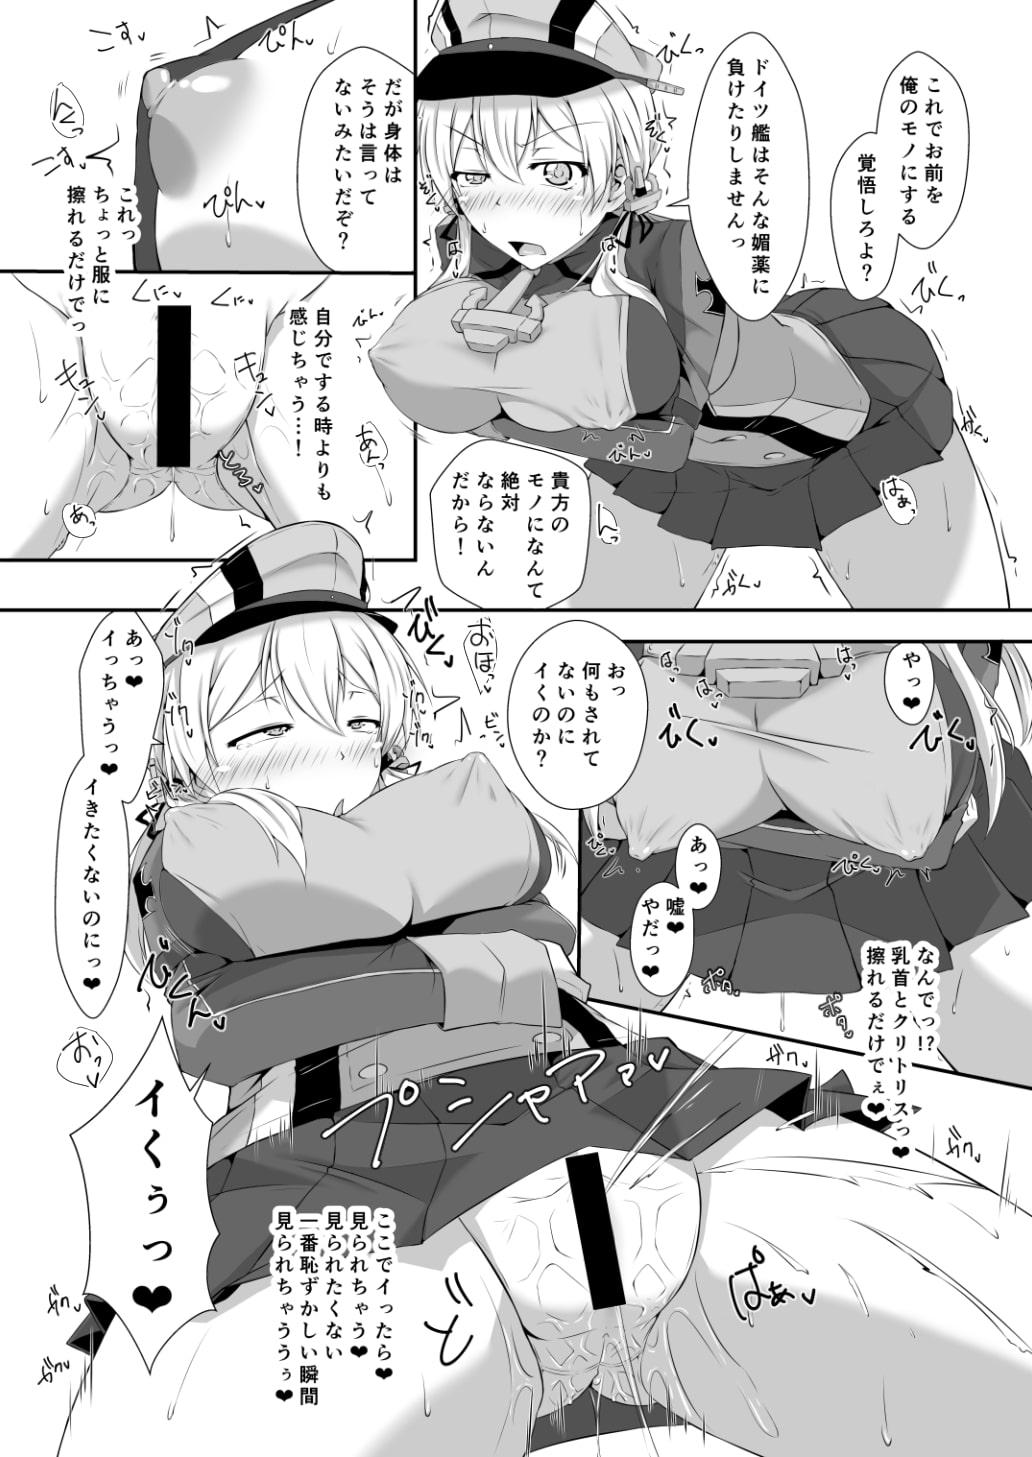 DLsite専売ドイツ艦は媚薬漬けでも堕ちたりしません!